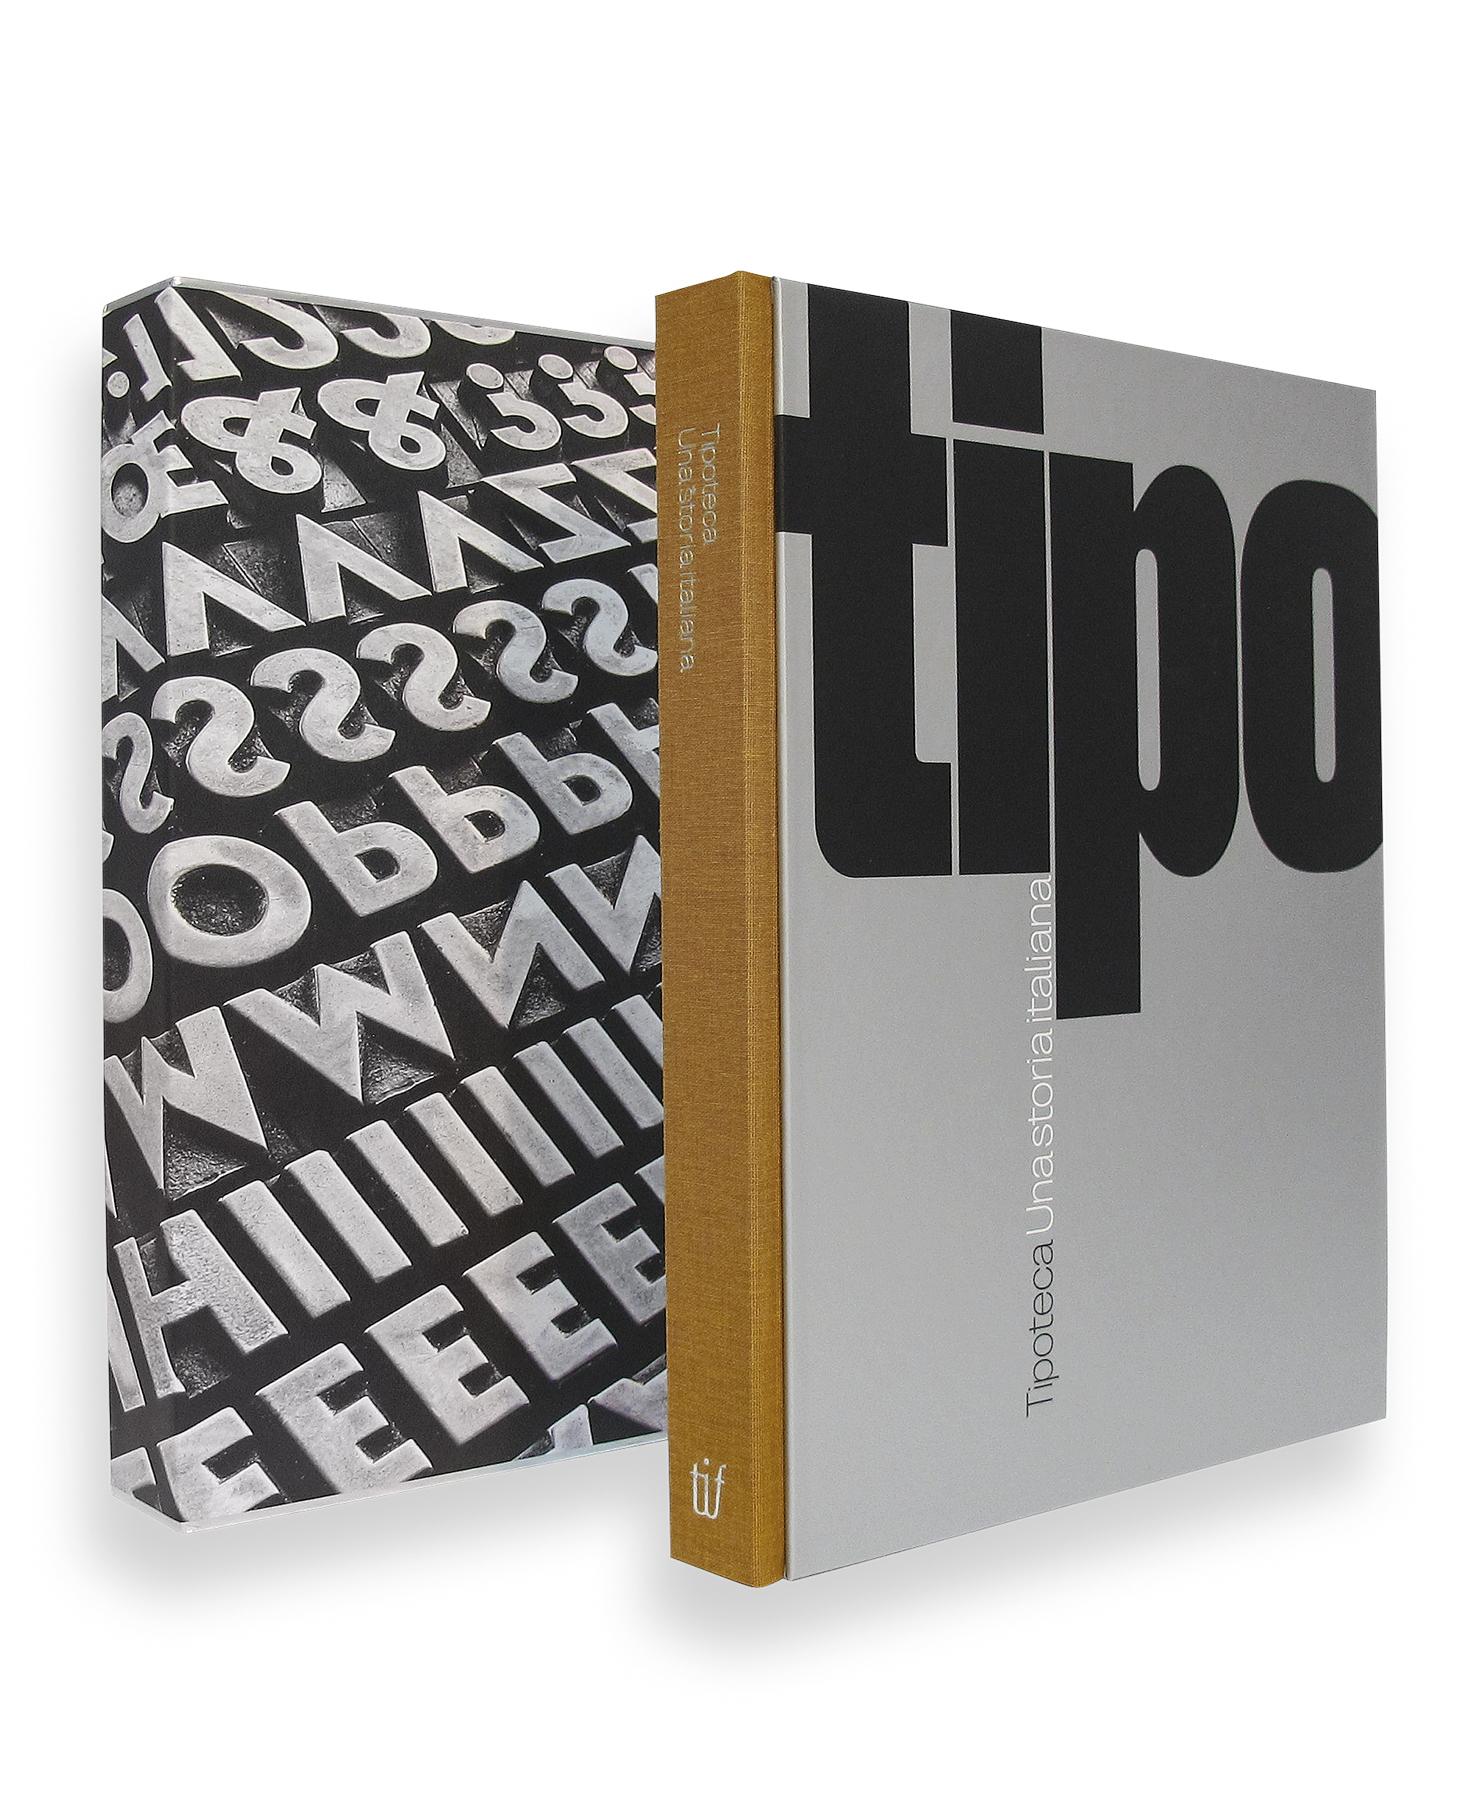 Libro_Tipoteca_1